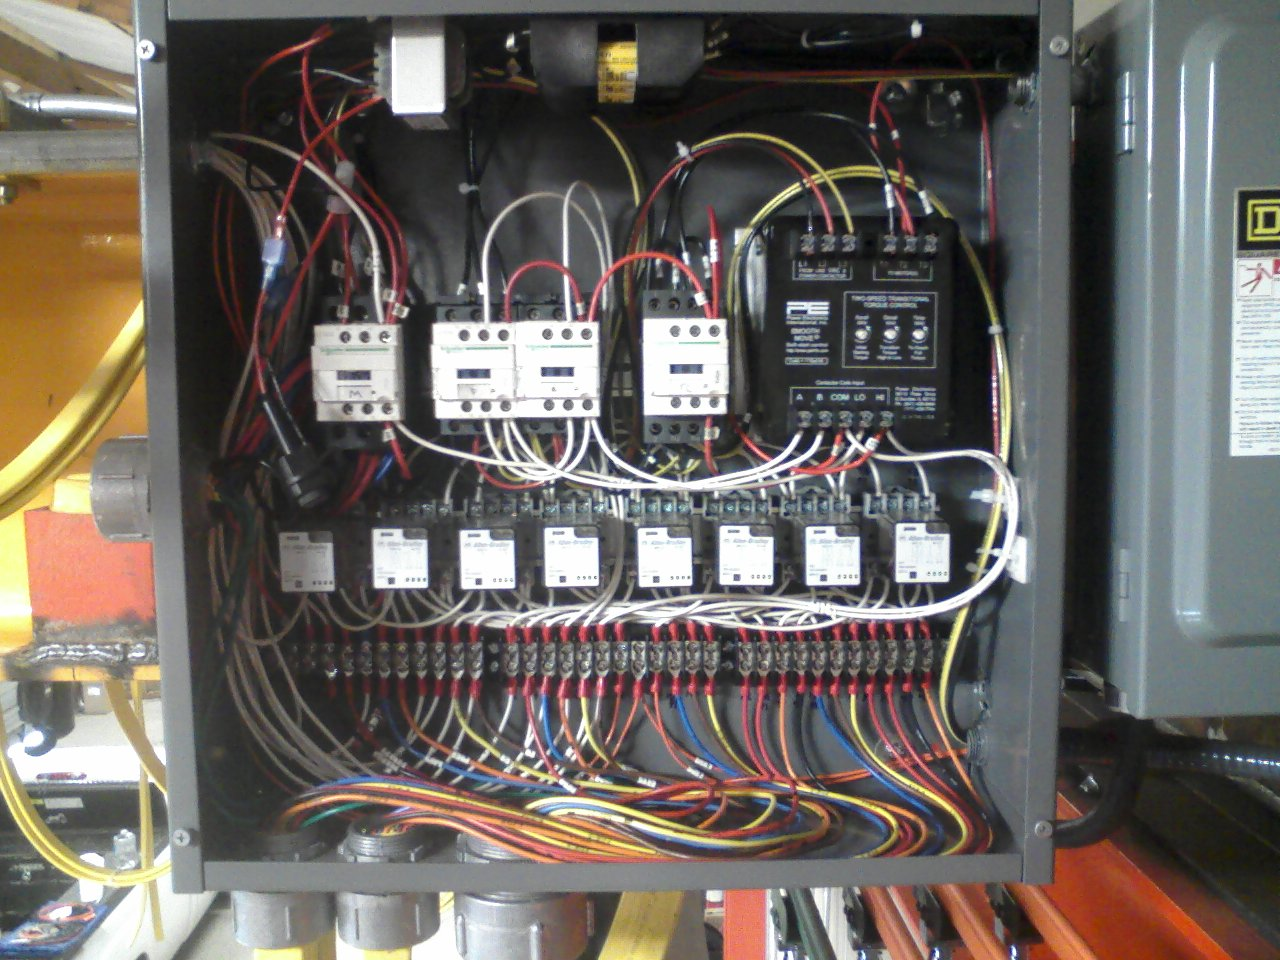 Finished?resize=665%2C499 demag overhead crane pendant control wiring diagram demag hoist demag dse 10r control pendant wiring diagram at panicattacktreatment.co